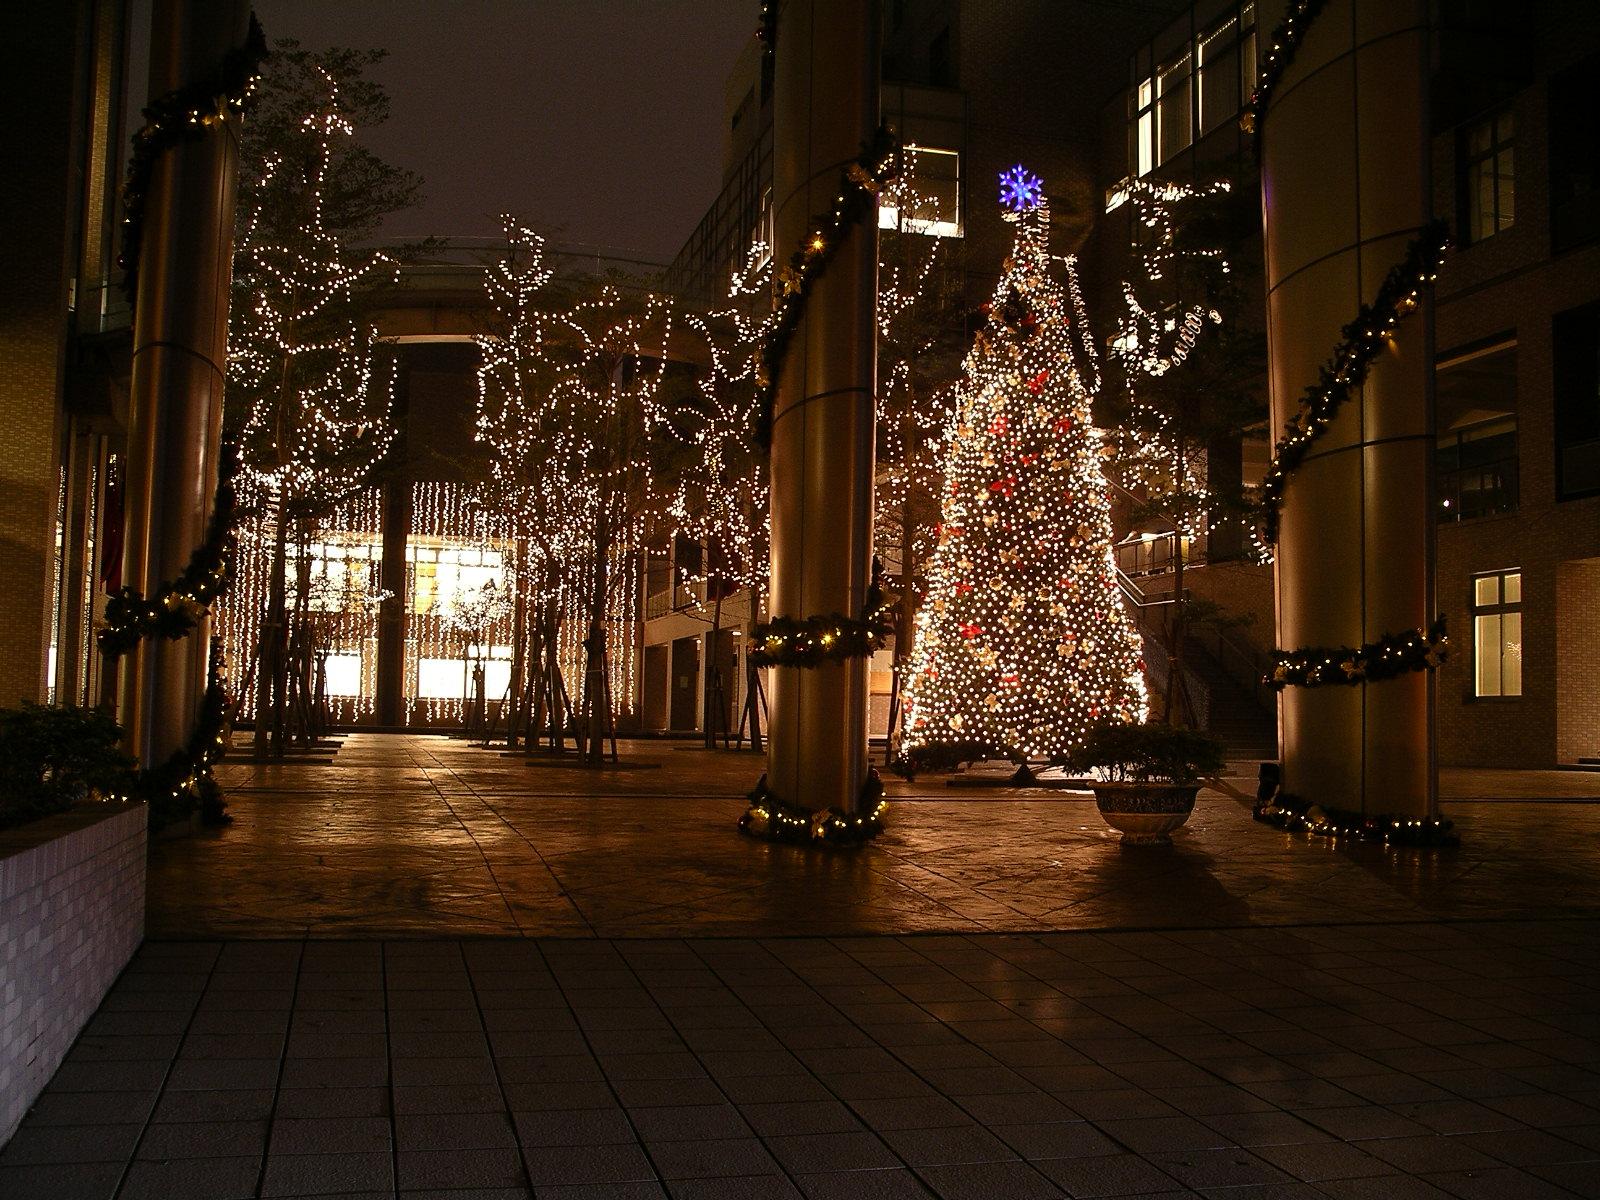 中原大學聖誕點燈 數萬顆燈泡妝點全人教育村